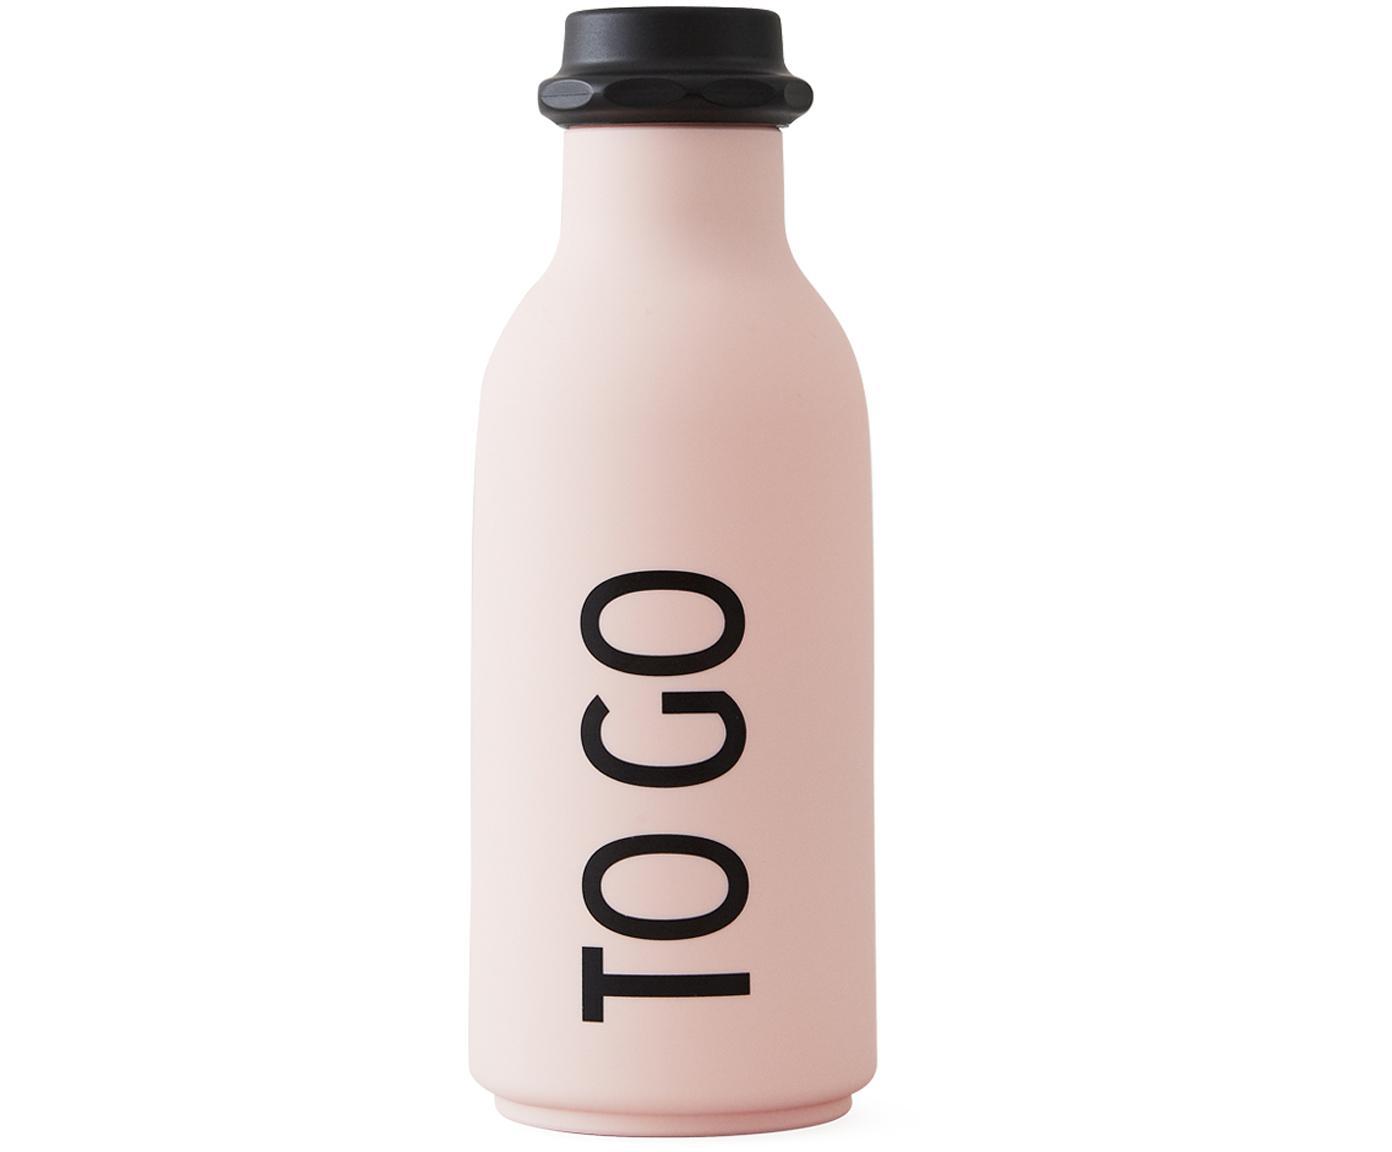 Isolierflasche To Go, Flasche: Tritan (Kunststoff), BPA-, Deckel: Polypropylen, Rosa matt, Schwarz, Ø 8 x H 20 cm